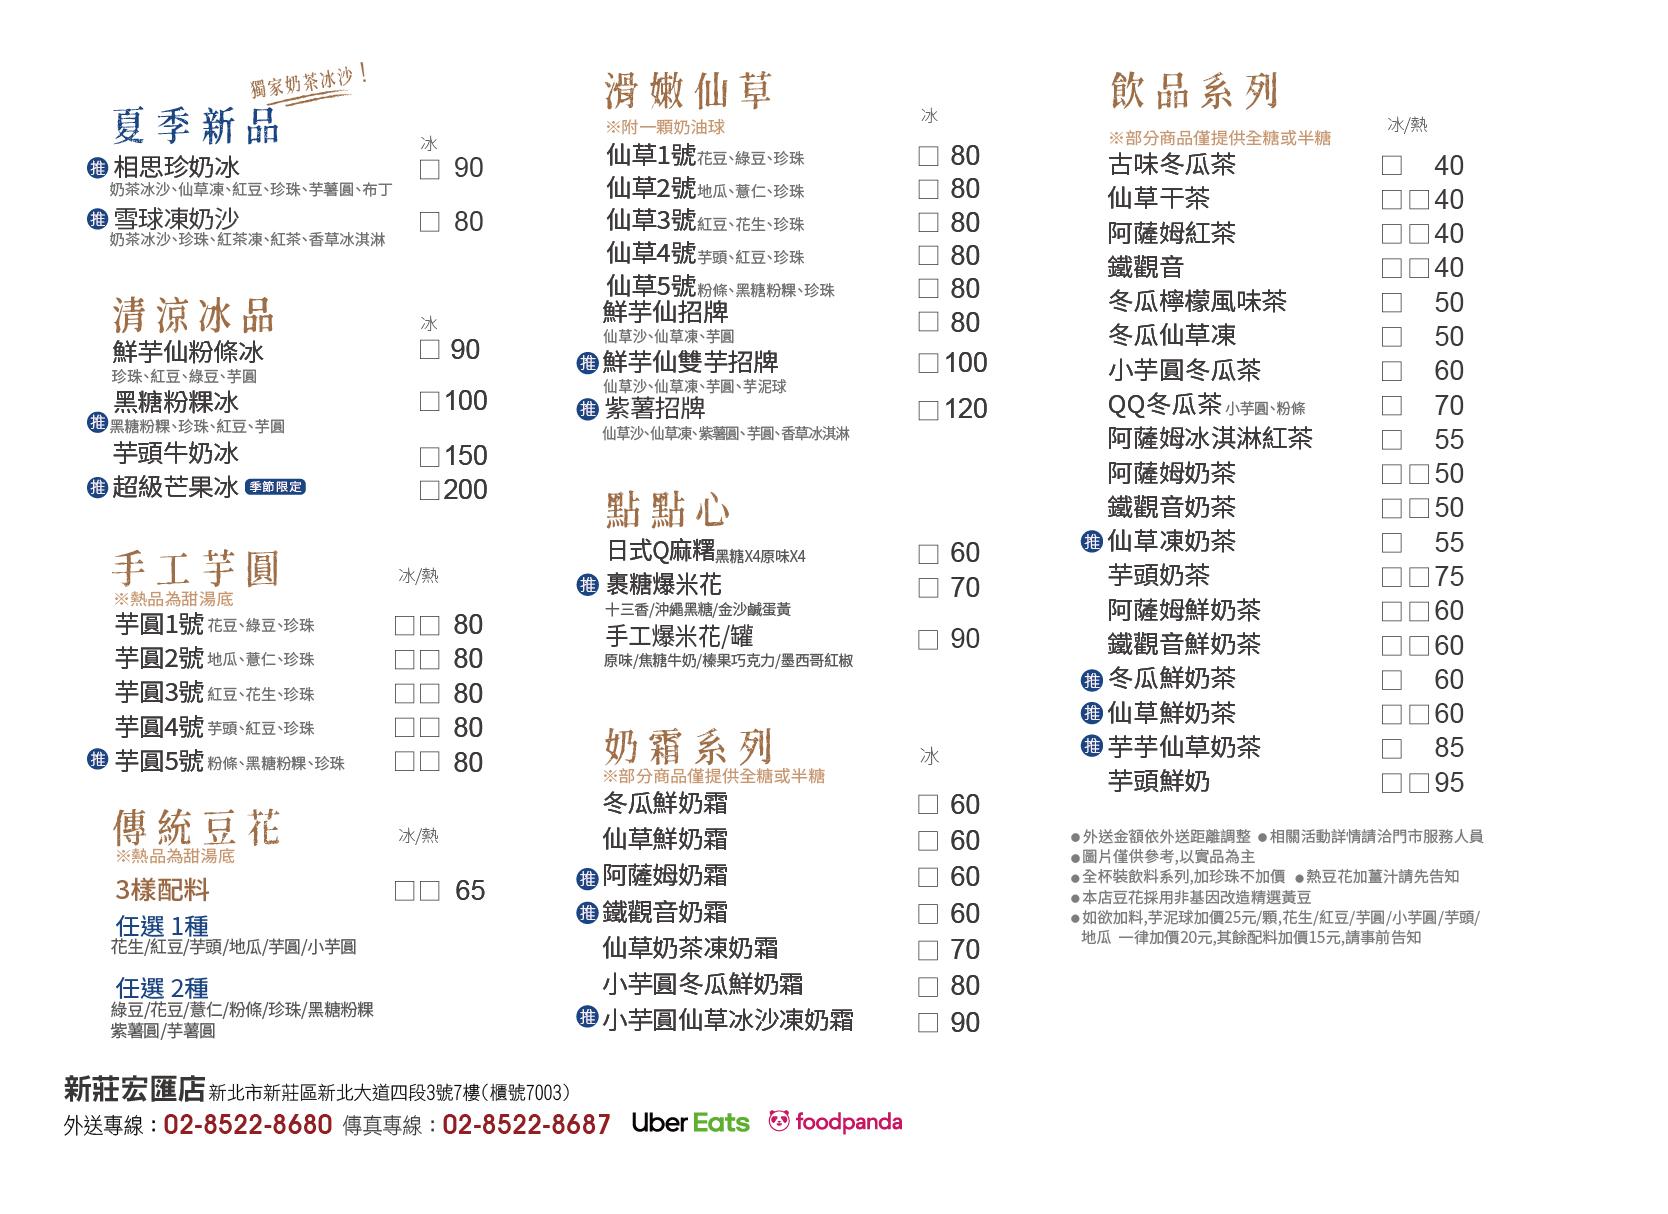 鮮芋仙菜單MENU(新莊宏匯店)